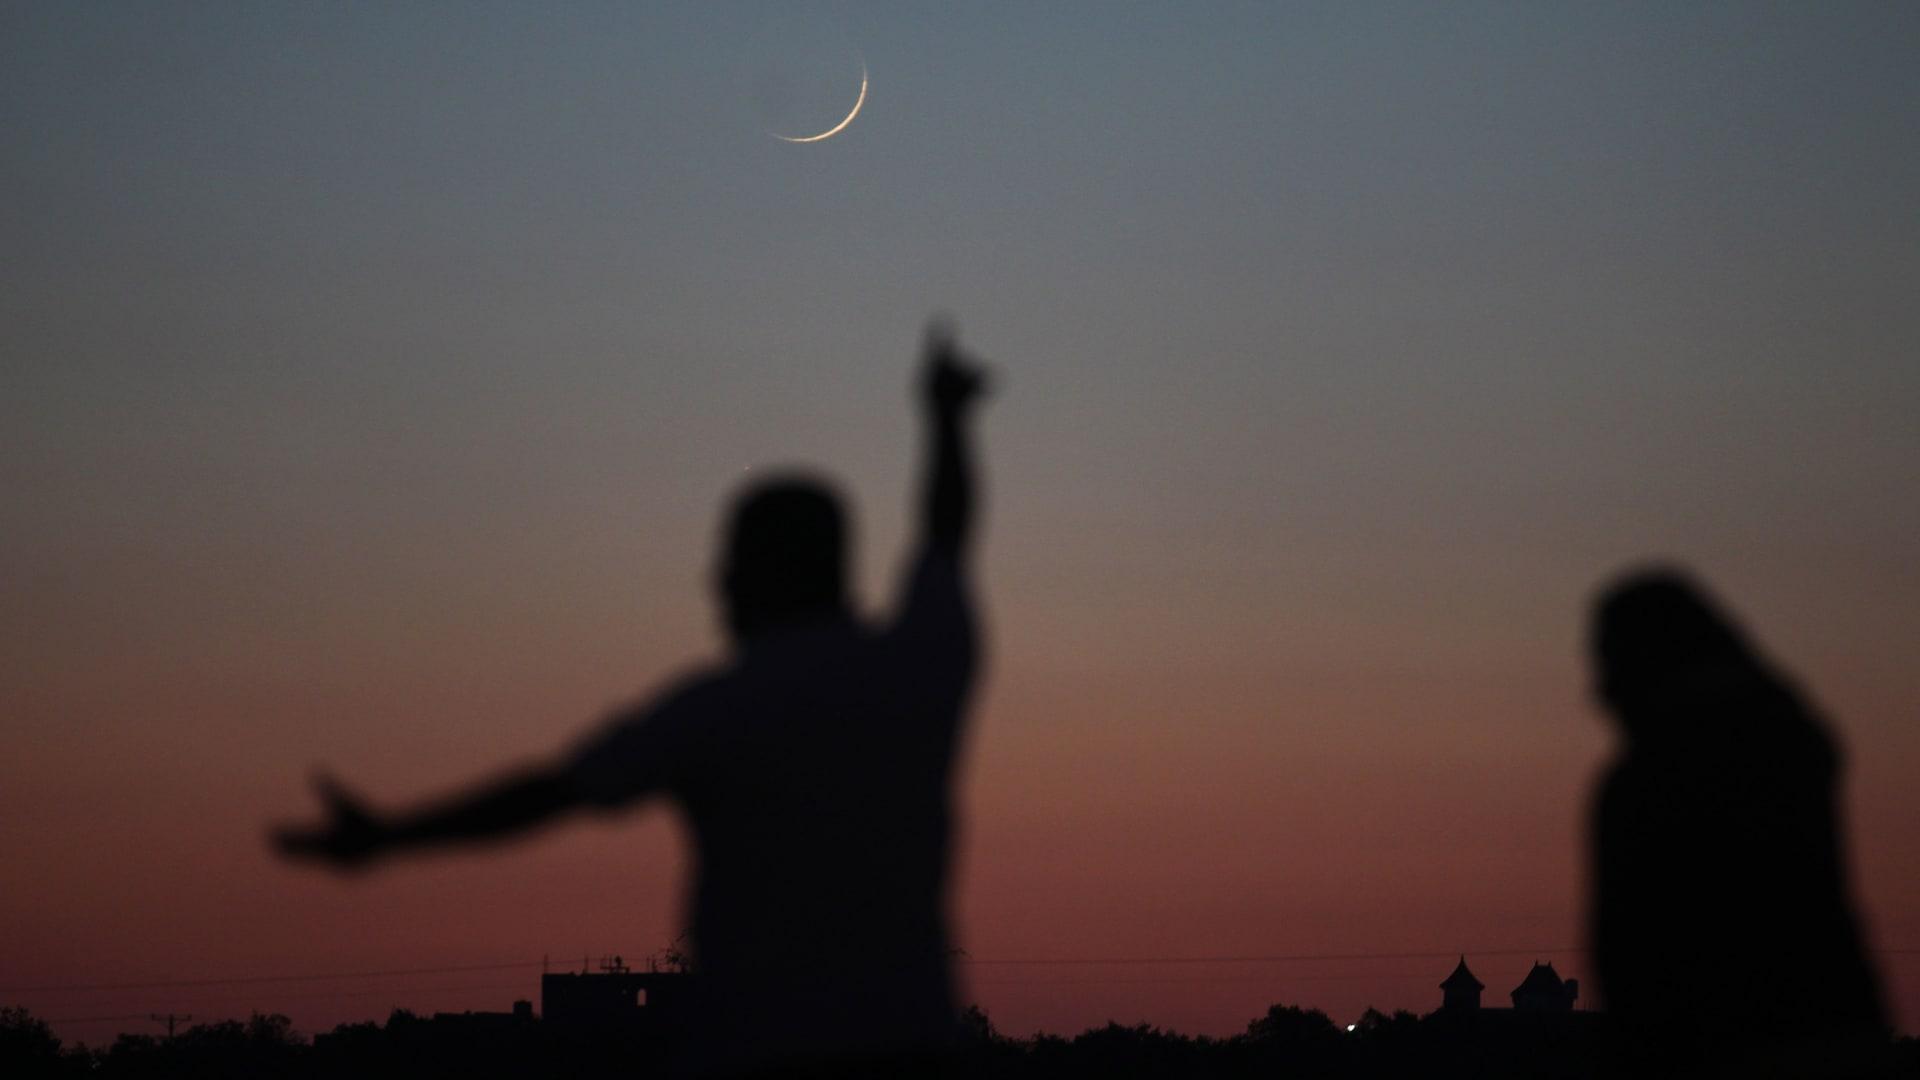 المحكمة العليا في السعودية تحدد موعد تحري هلال عيد الفطر 2019